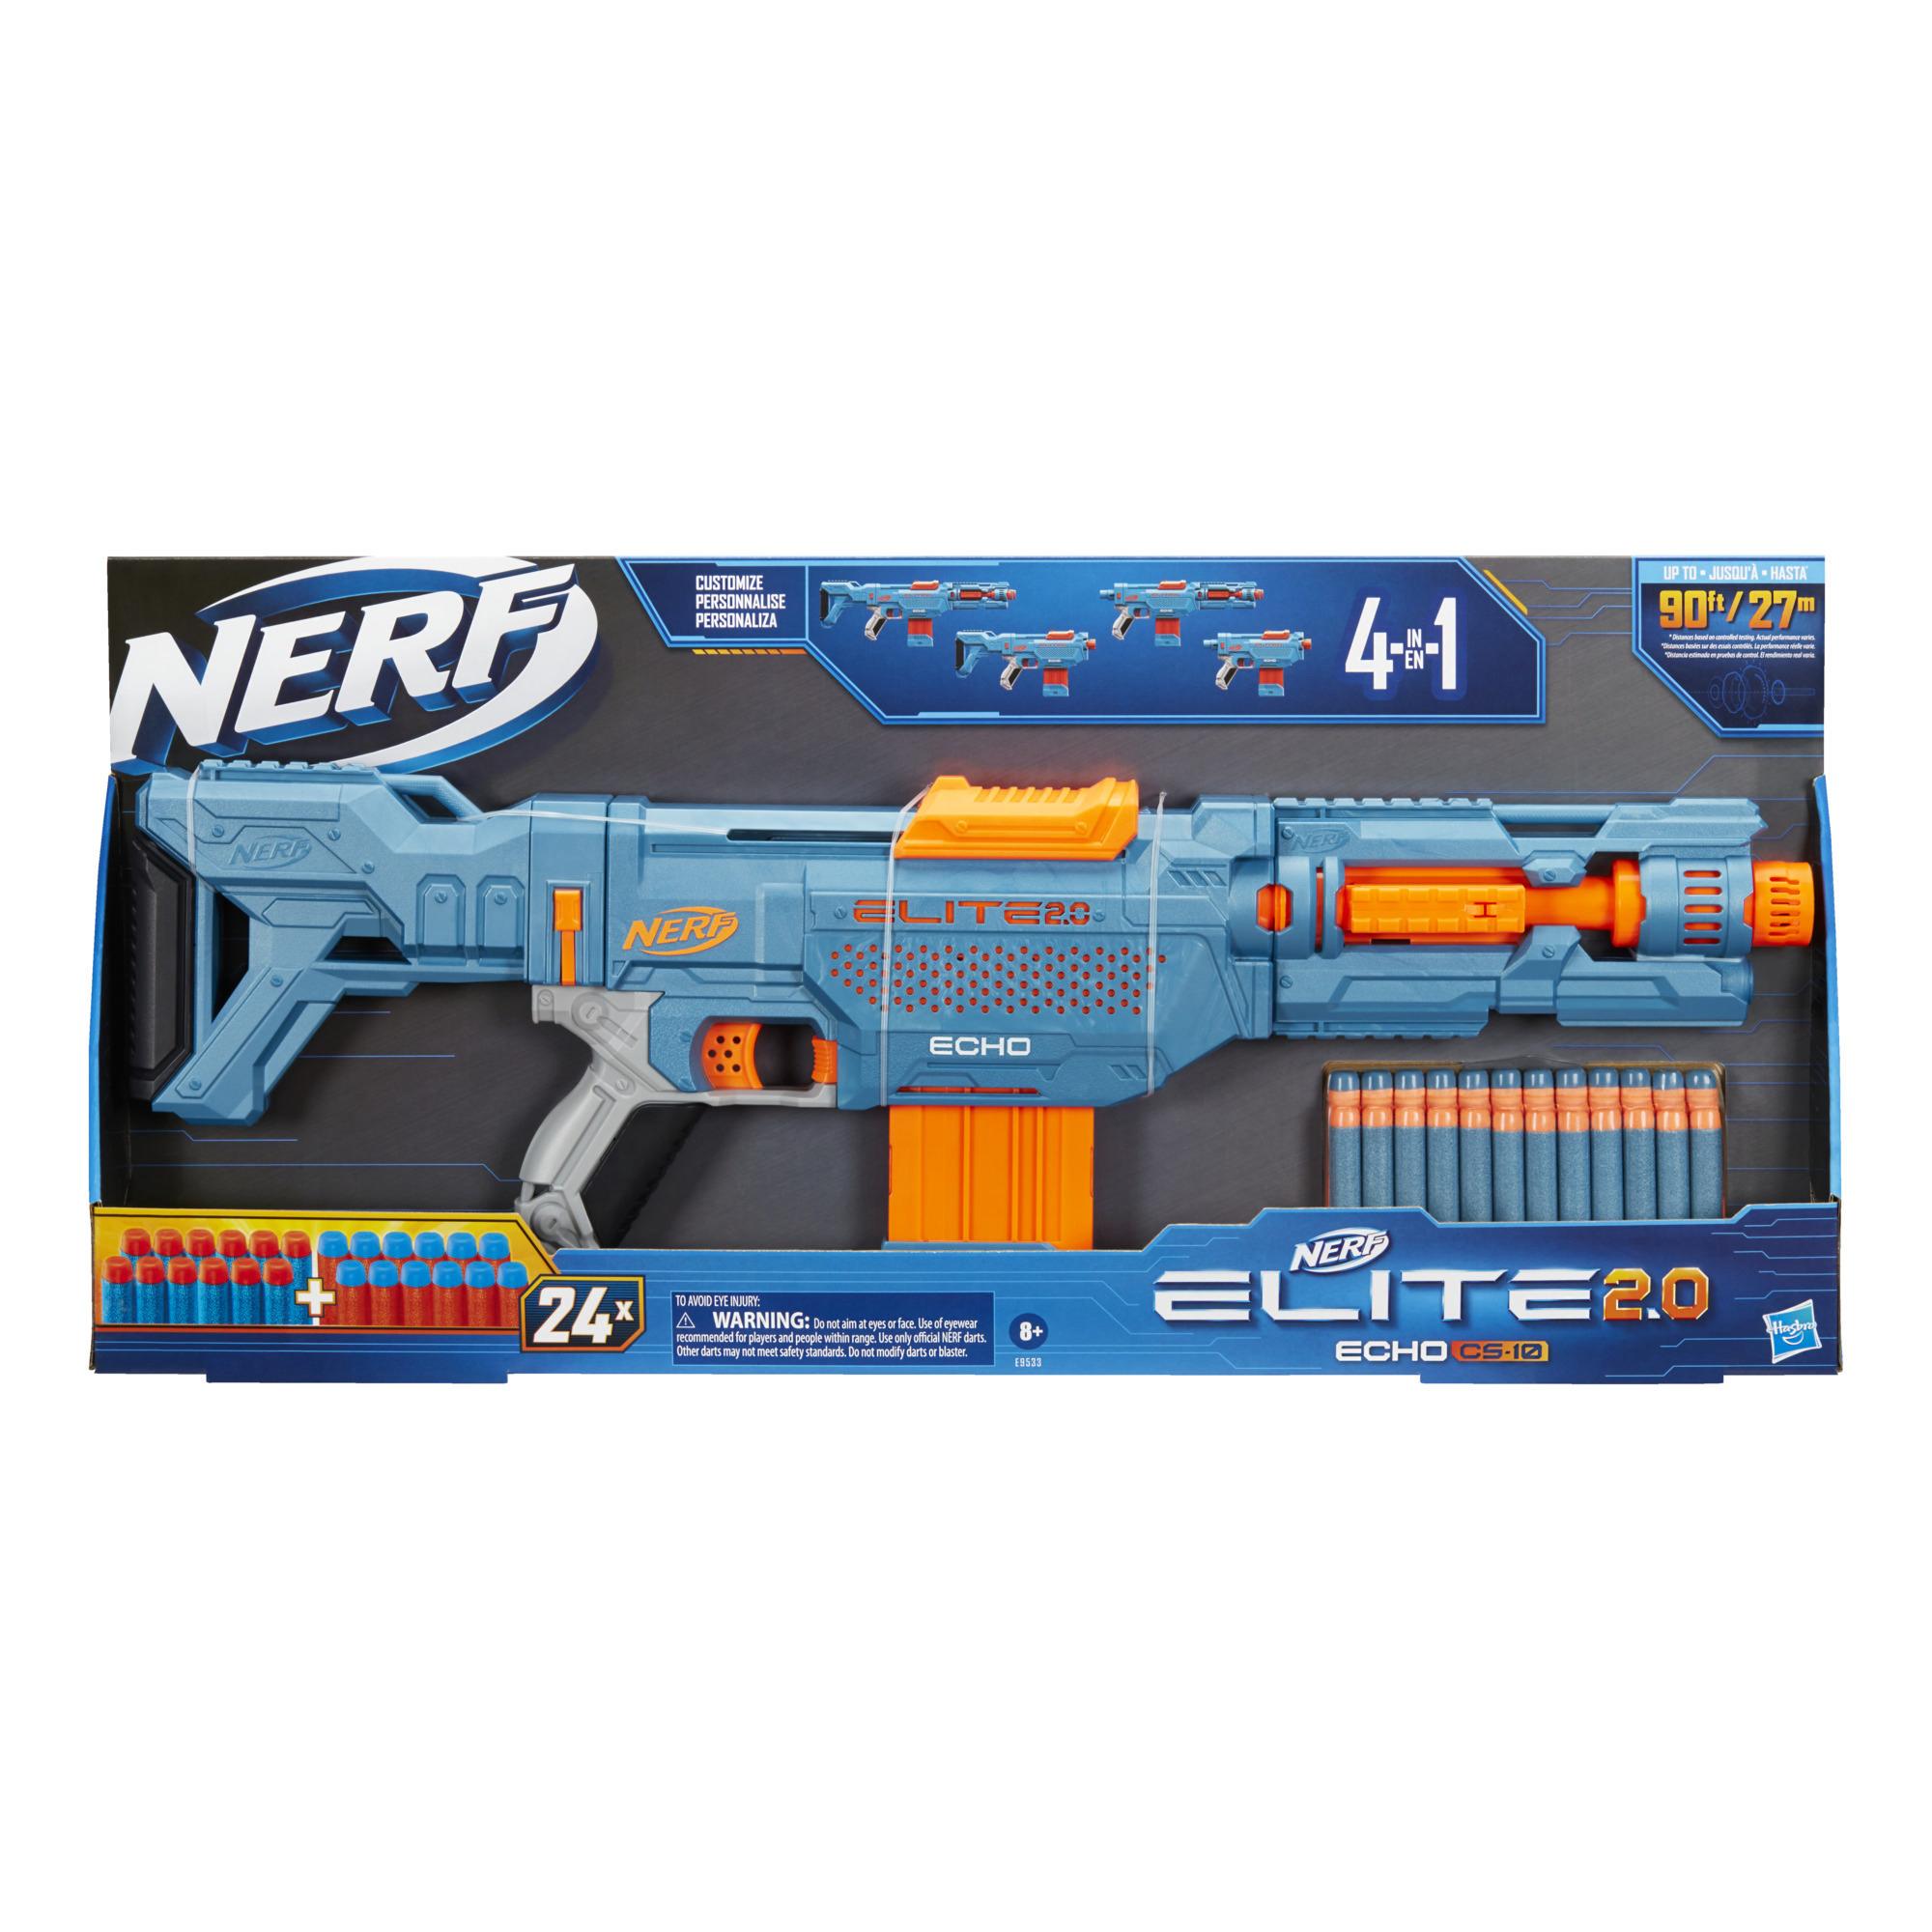 Nerf Elite 2.0 Echo CS-10-blaster, 24 Nerf-piler, magasin for 10 piler, avtakbar kolbe- og løpsforlengelse, 4 taktiske skinner